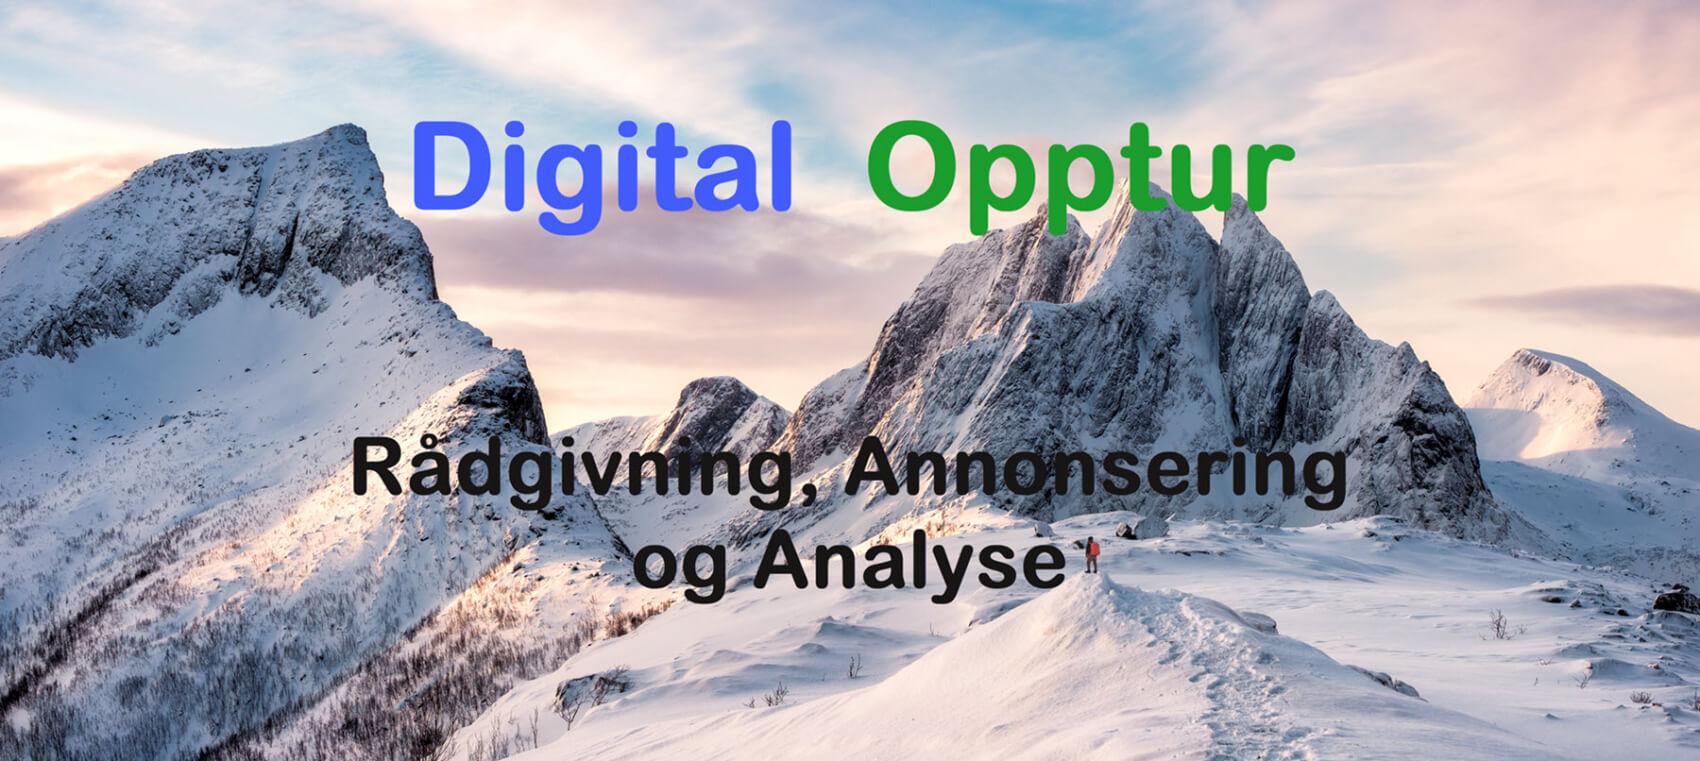 Digital Opptur forsidebildet 2020-21